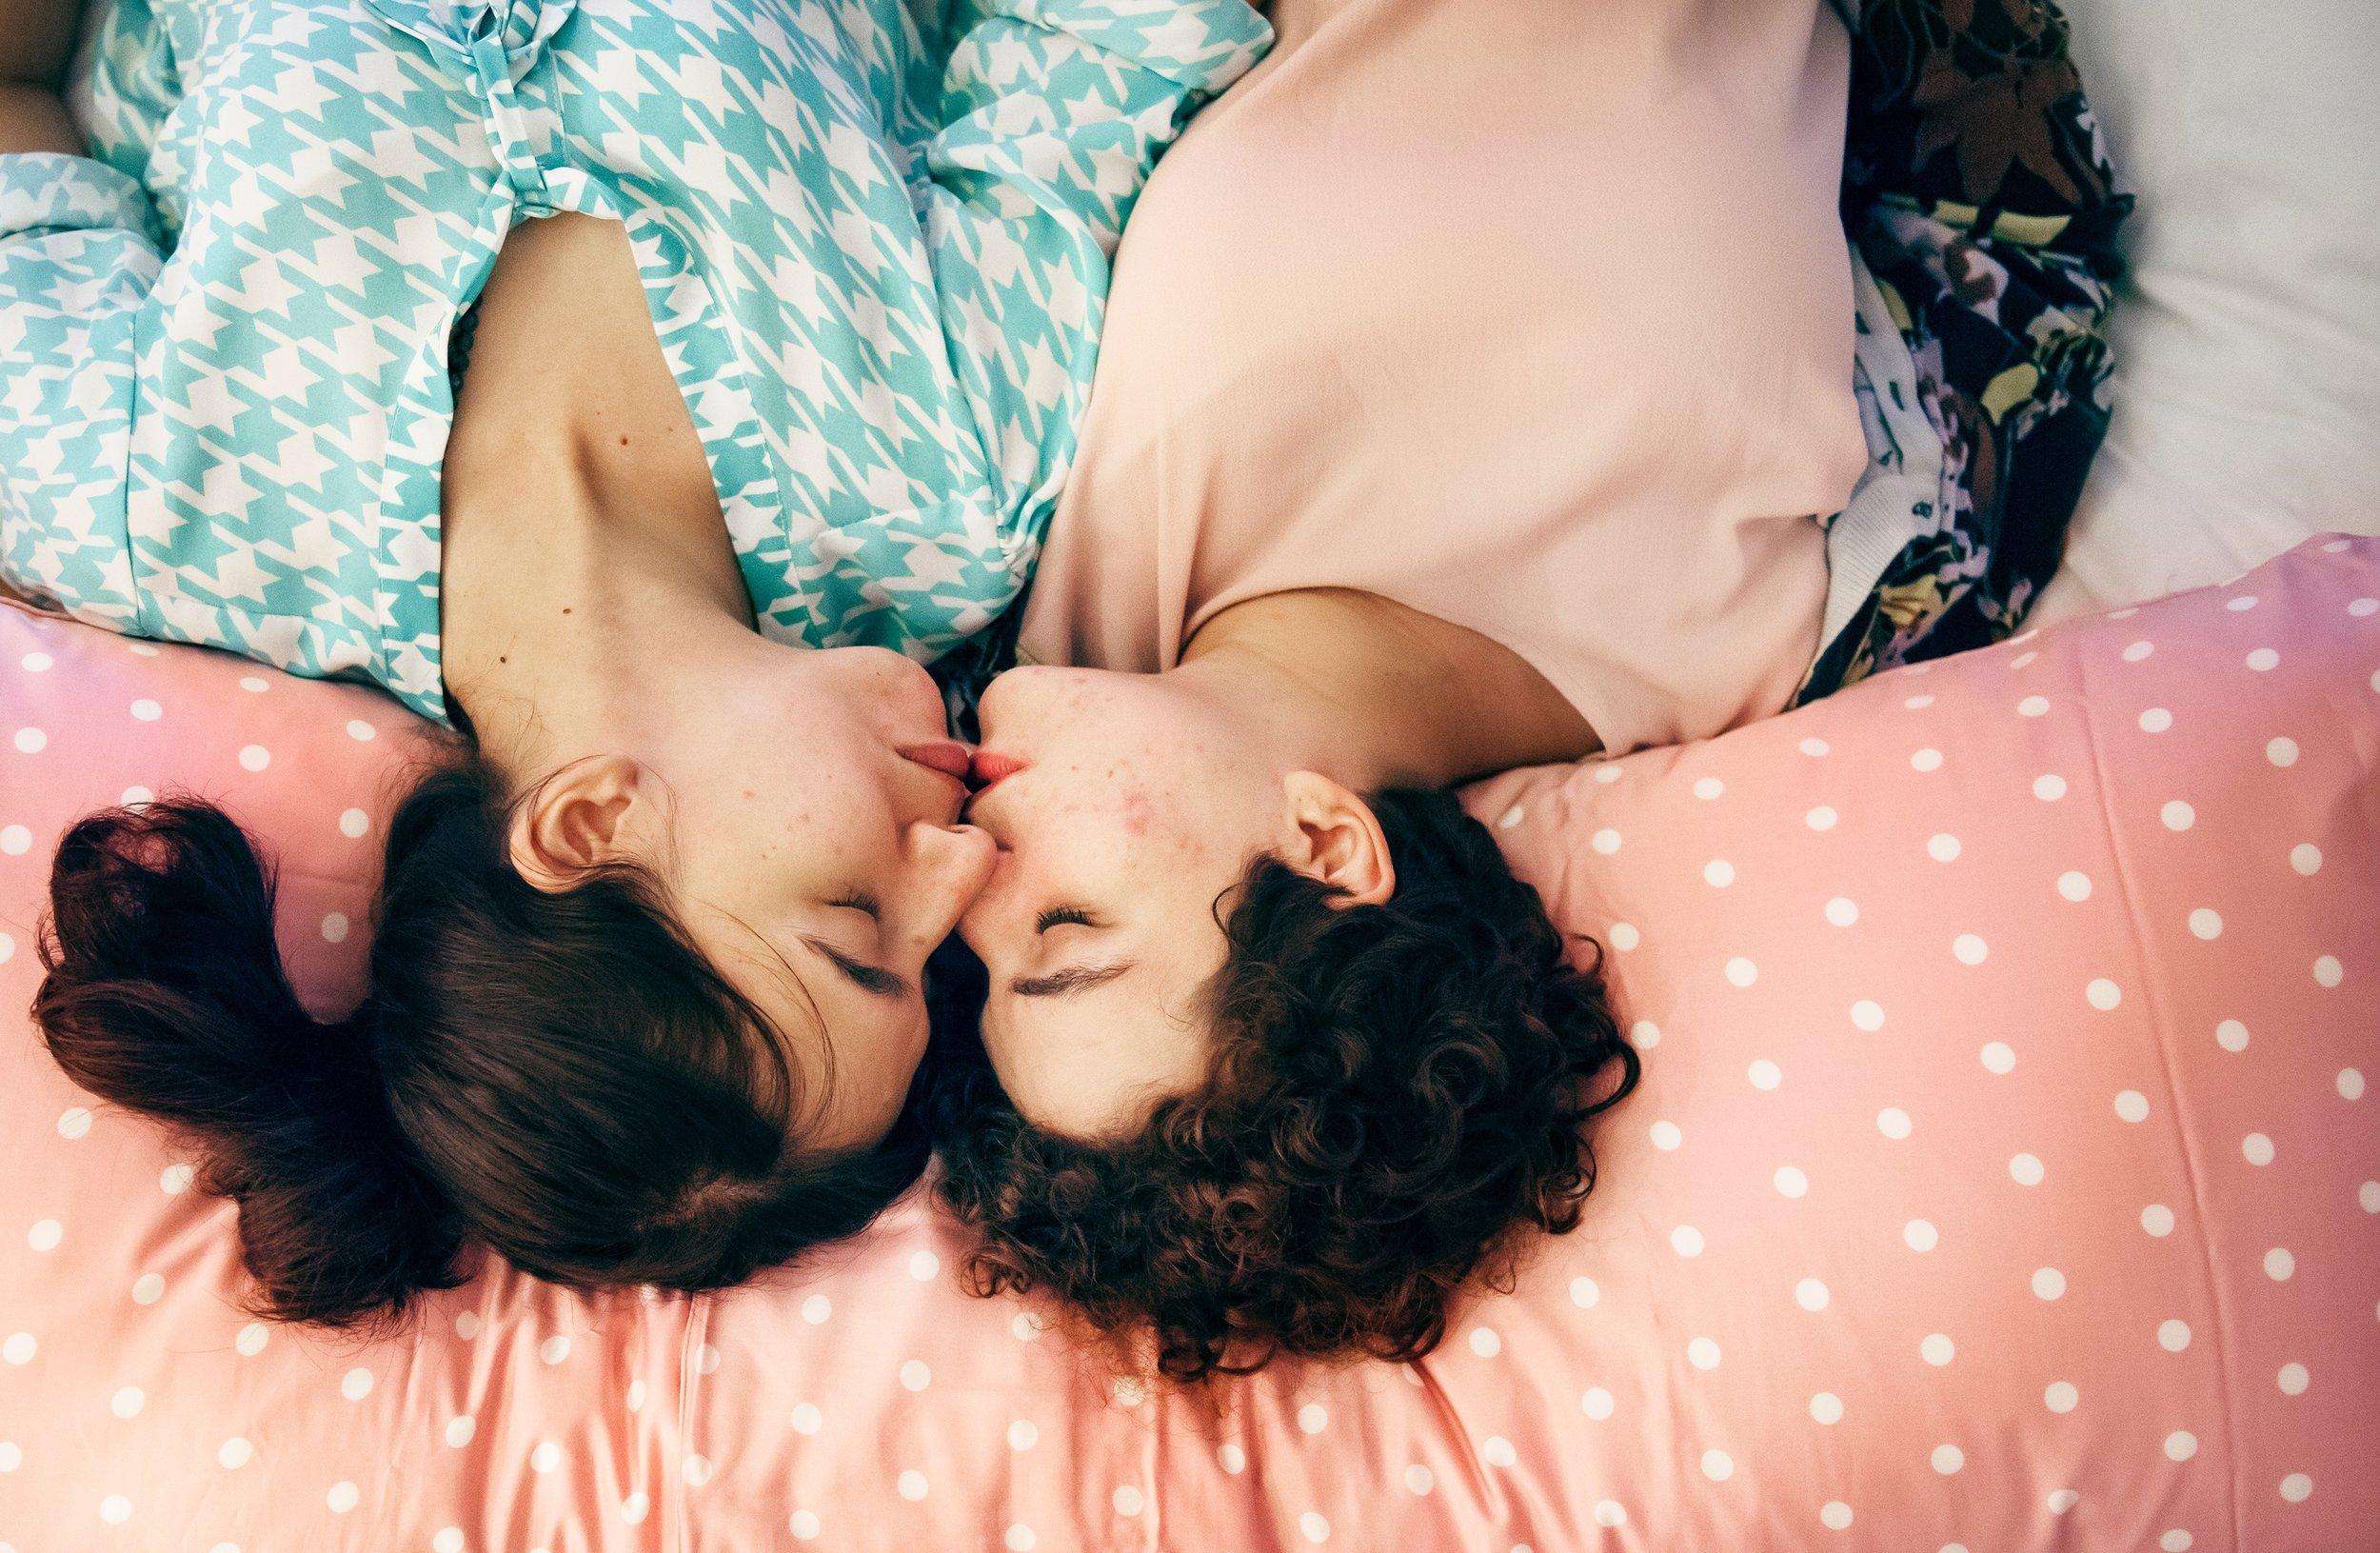 bed-bedroom-couple-1418354.jpg